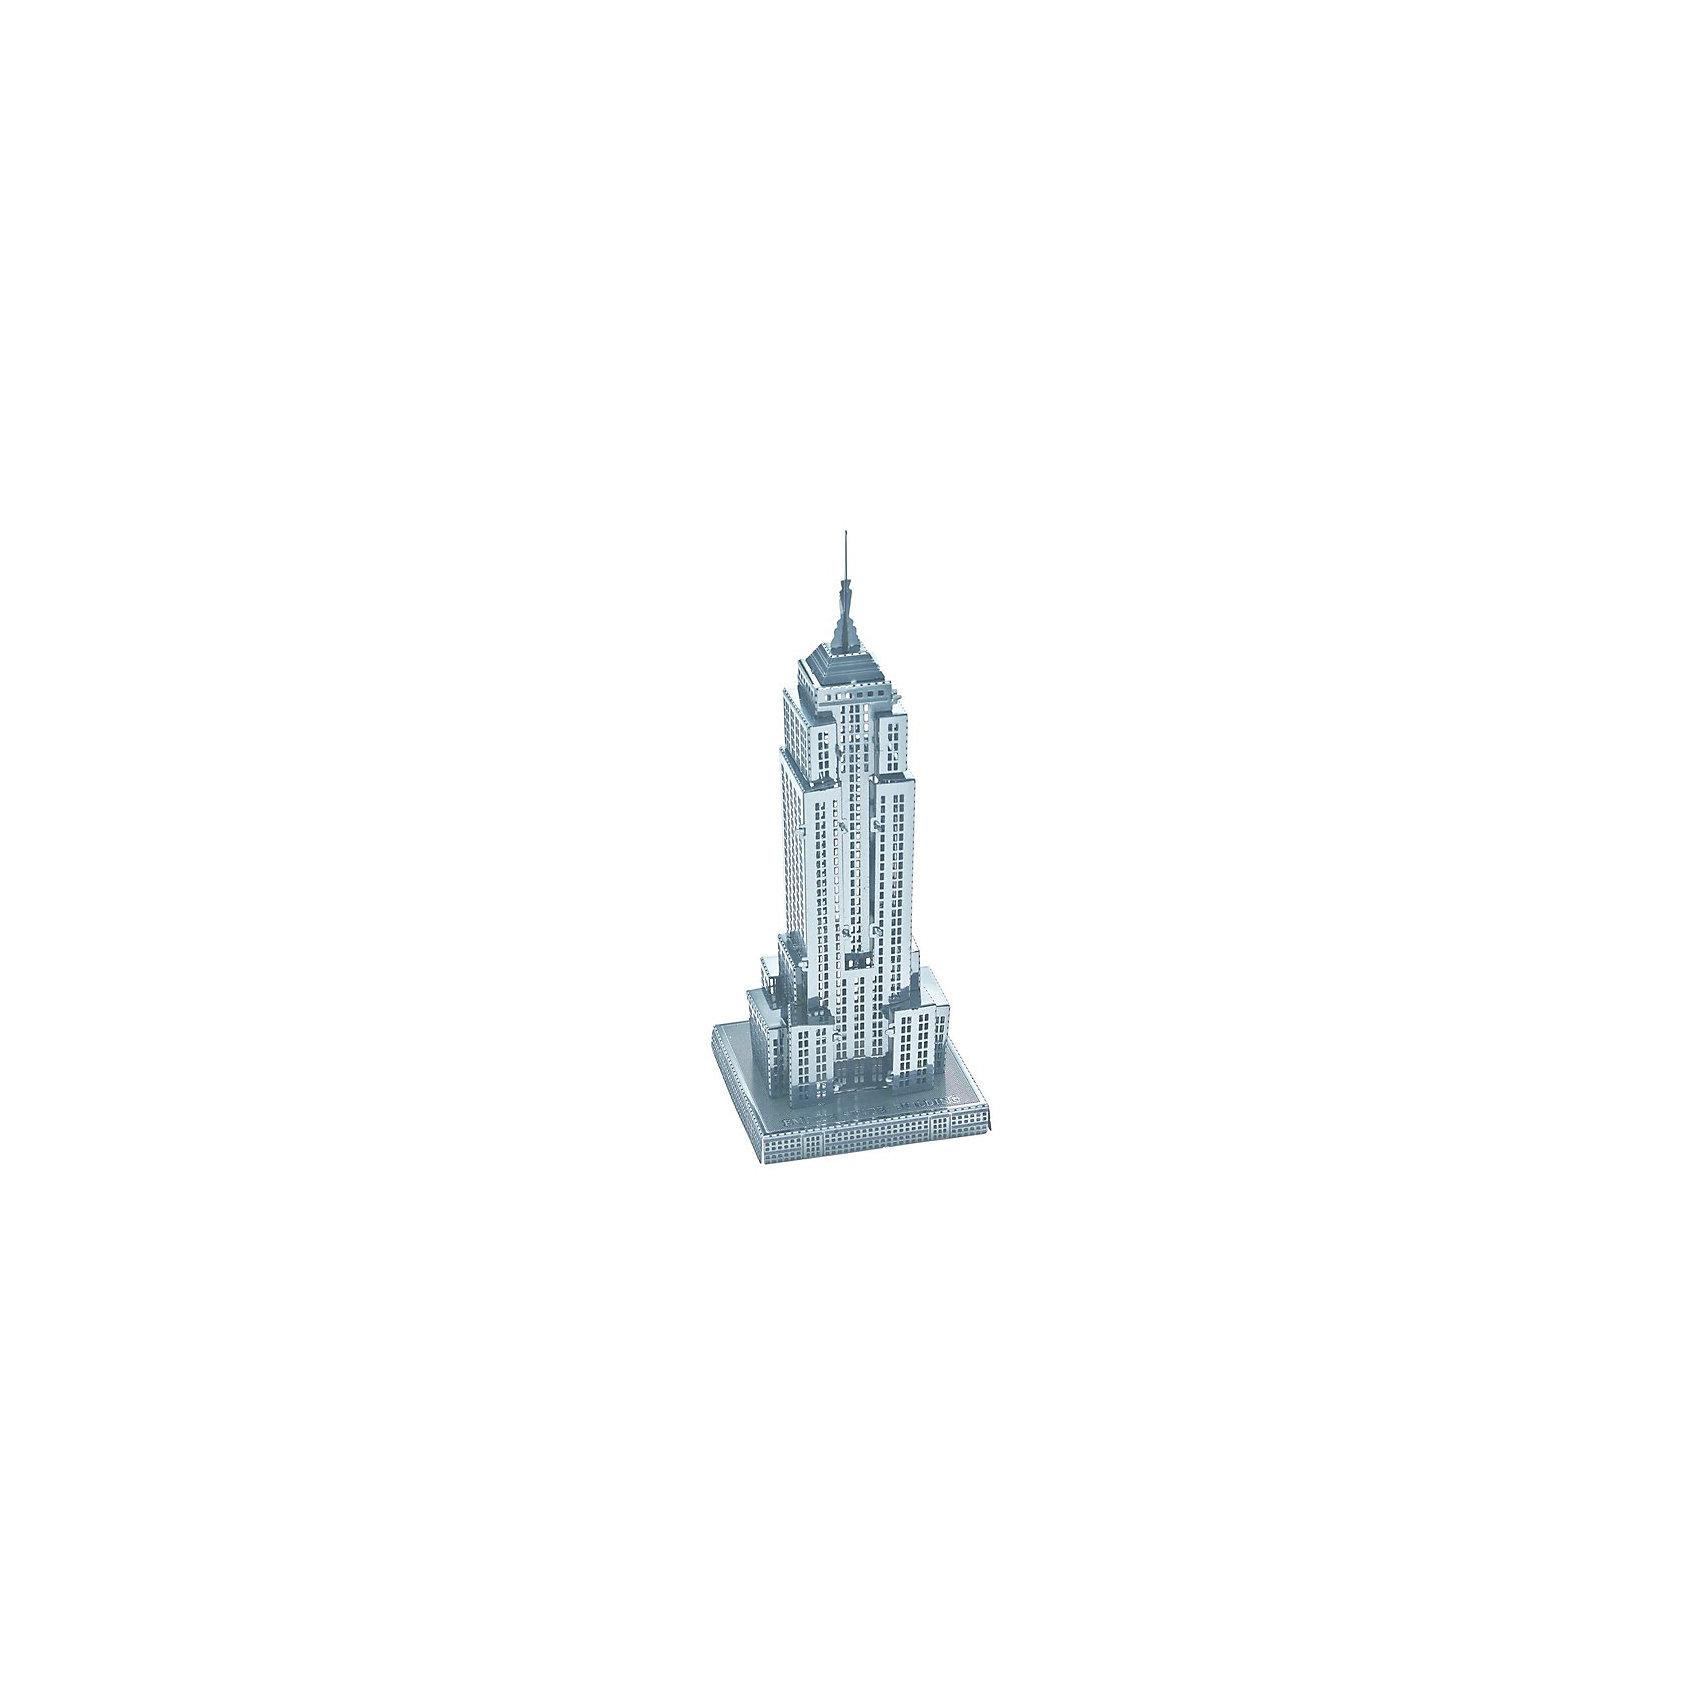 Сборная модель-3D Небоскреб Empire State Building LМеталлические конструкторы<br>Характеристики товара:<br><br>• возраст: от 12 лет;<br>• материал: металл;<br>• в комплекте: детали, инструкция;<br>• высота модели: 9 см;<br>• размер упаковки: 17х12х1 см;<br>• вес упаковки: 32 гр.;<br>• страна производитель: Китай.<br><br>Сборная 3D модель «Небоскреб Empire State Building L» Educational Line позволит собрать из деталей объемную модель известного здания в Нью-Йорке. Детали соединяются между собой без дополнительных инструментов и клея, а при помощи усиков, вставляющихся в соответствующие прорези.<br><br>В процессе сборки у ребенка развивается мелкая моторика рук, интеллект, логическое мышление, усидчивость.<br><br>Сборную 3D модель «Небоскреб Empire State Building L» Educational Line можно приобрести в нашем интернет-магазине.<br><br>Ширина мм: 17<br>Глубина мм: 12<br>Высота мм: 10<br>Вес г: 28<br>Возраст от месяцев: 144<br>Возраст до месяцев: 2147483647<br>Пол: Унисекс<br>Возраст: Детский<br>SKU: 5362970